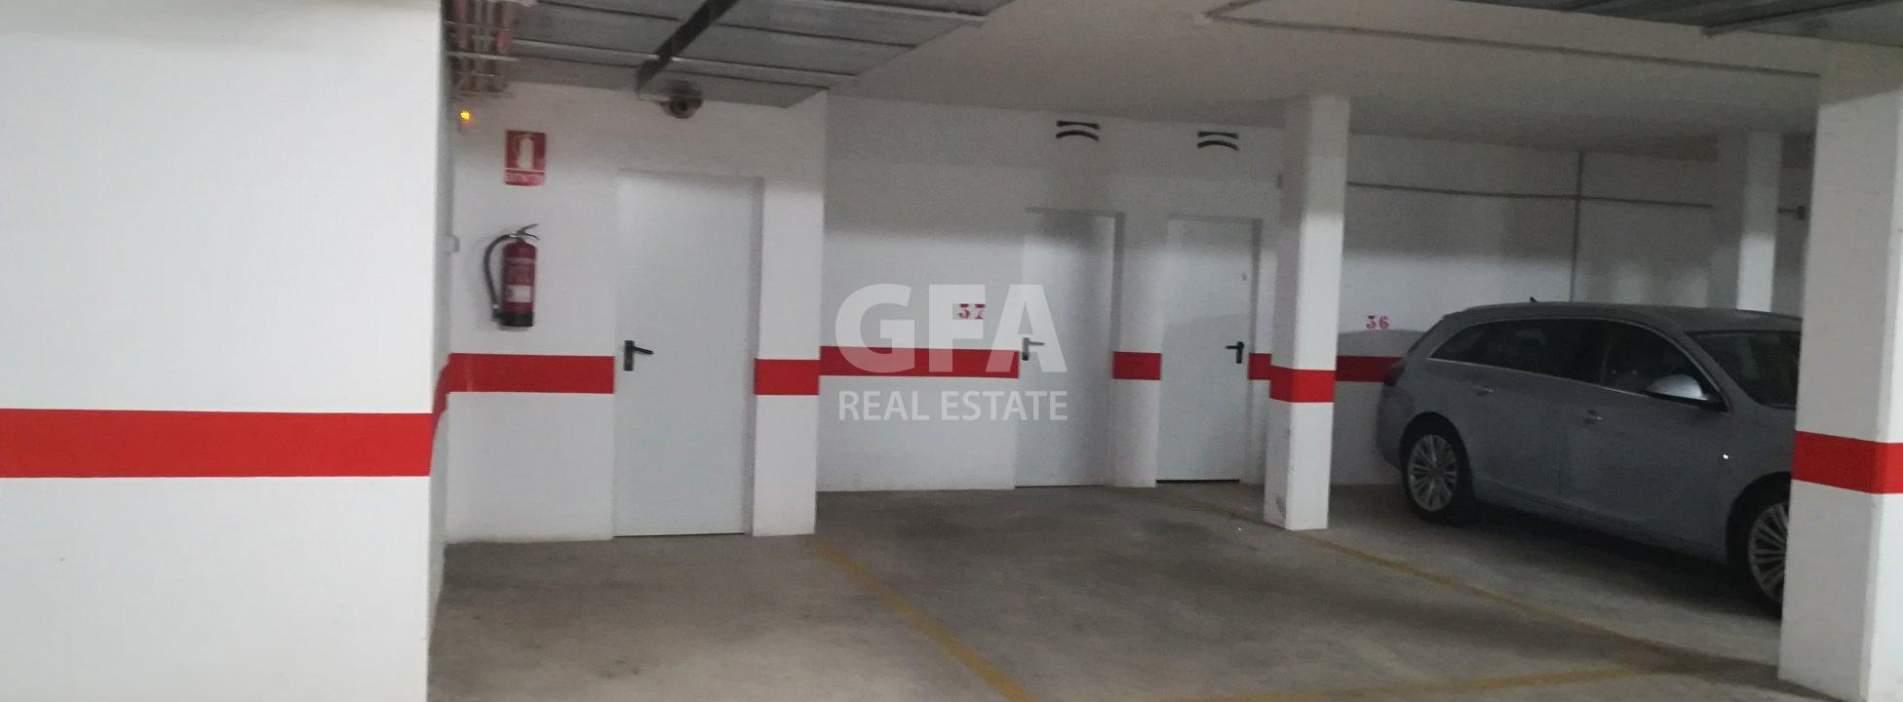 Garajes a la venta en Xeresa, Carrer Trapig